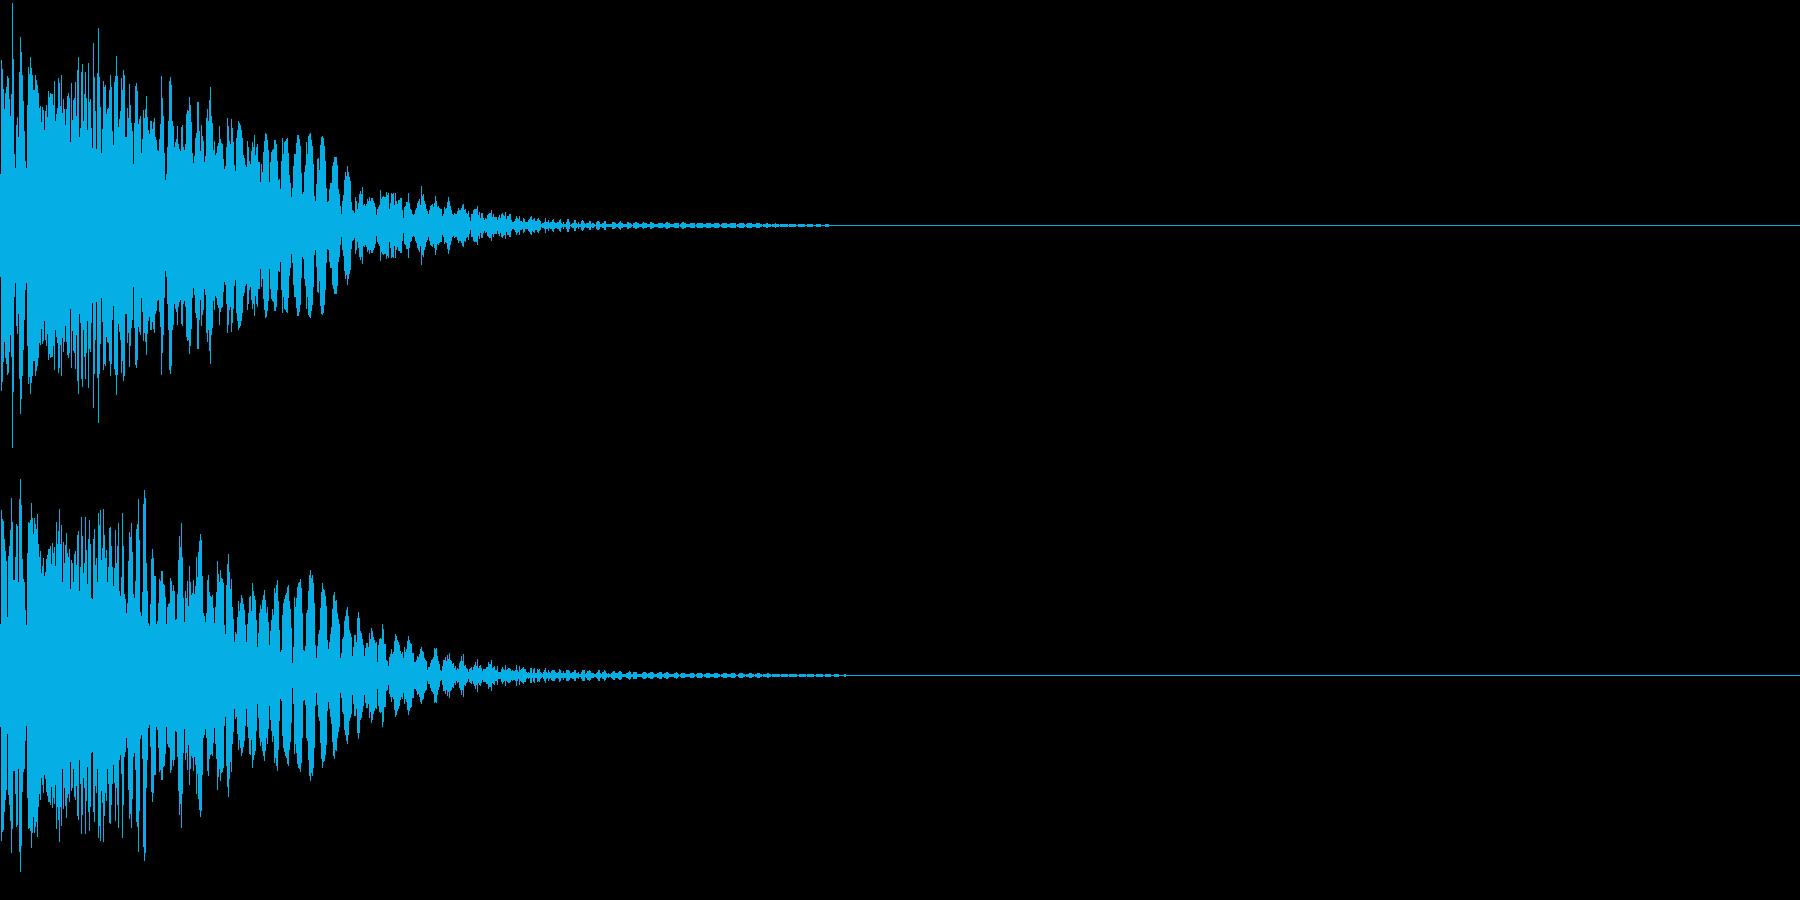 SF 宇宙戦争 レーザーピストルの音の再生済みの波形